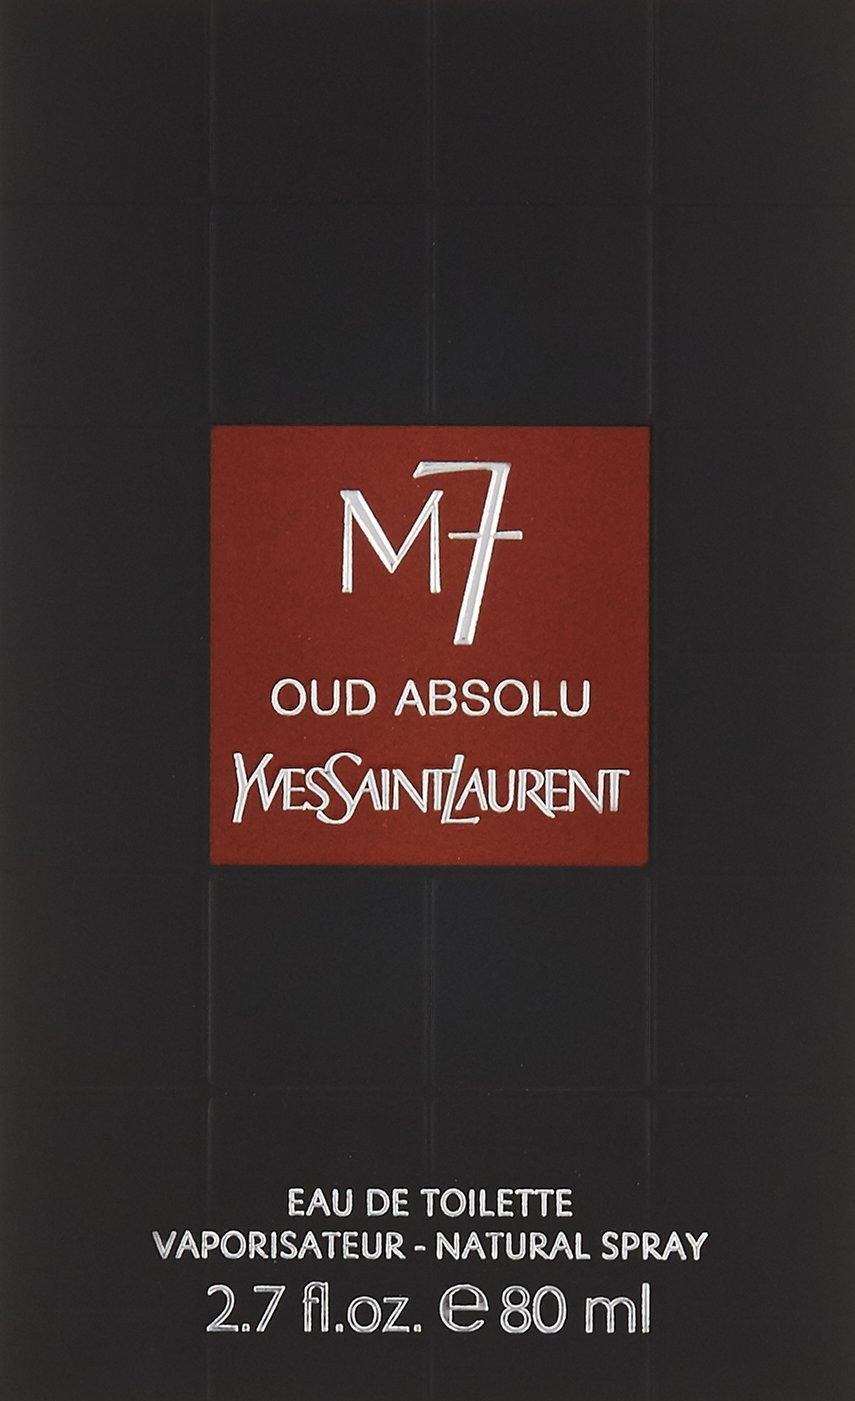 Yves Saint Laurent La Collection M7 Oud Absolu Eau De Toilette Spray 80ml 2.7oz